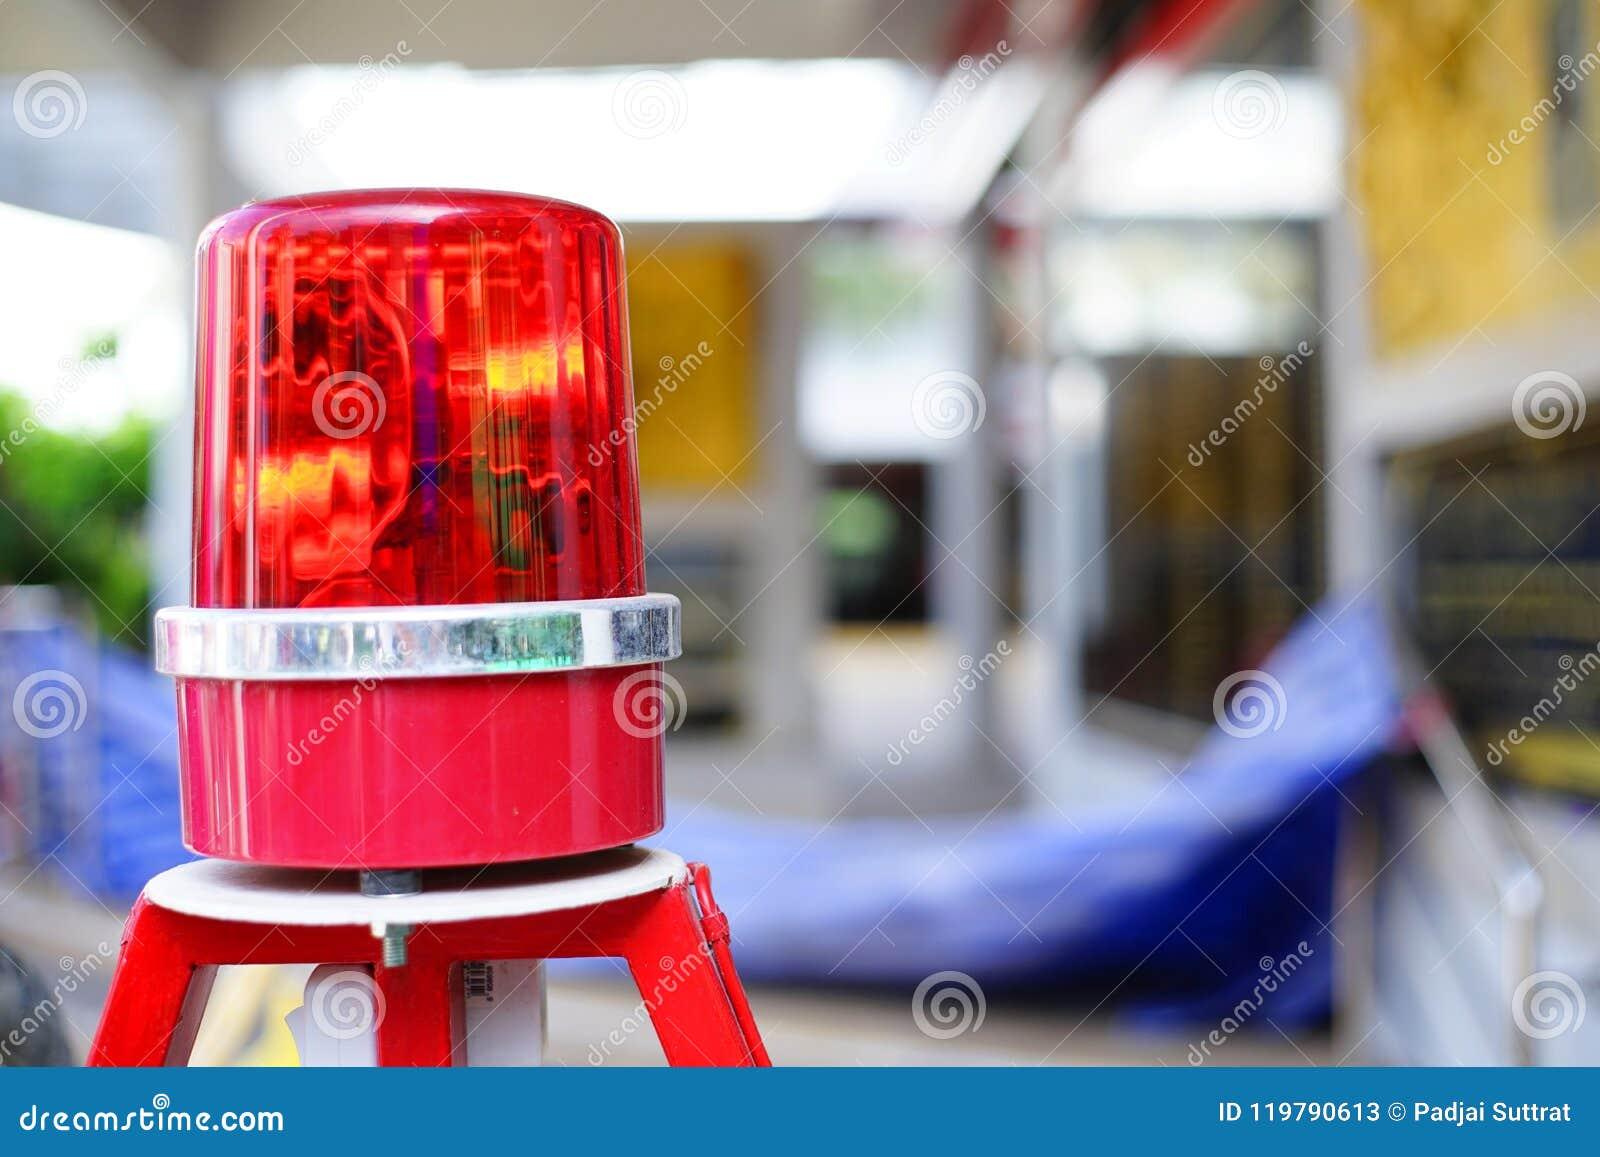 Kruist het sirene lichte waarschuwingsbord voor studenten de straat, in Thailand